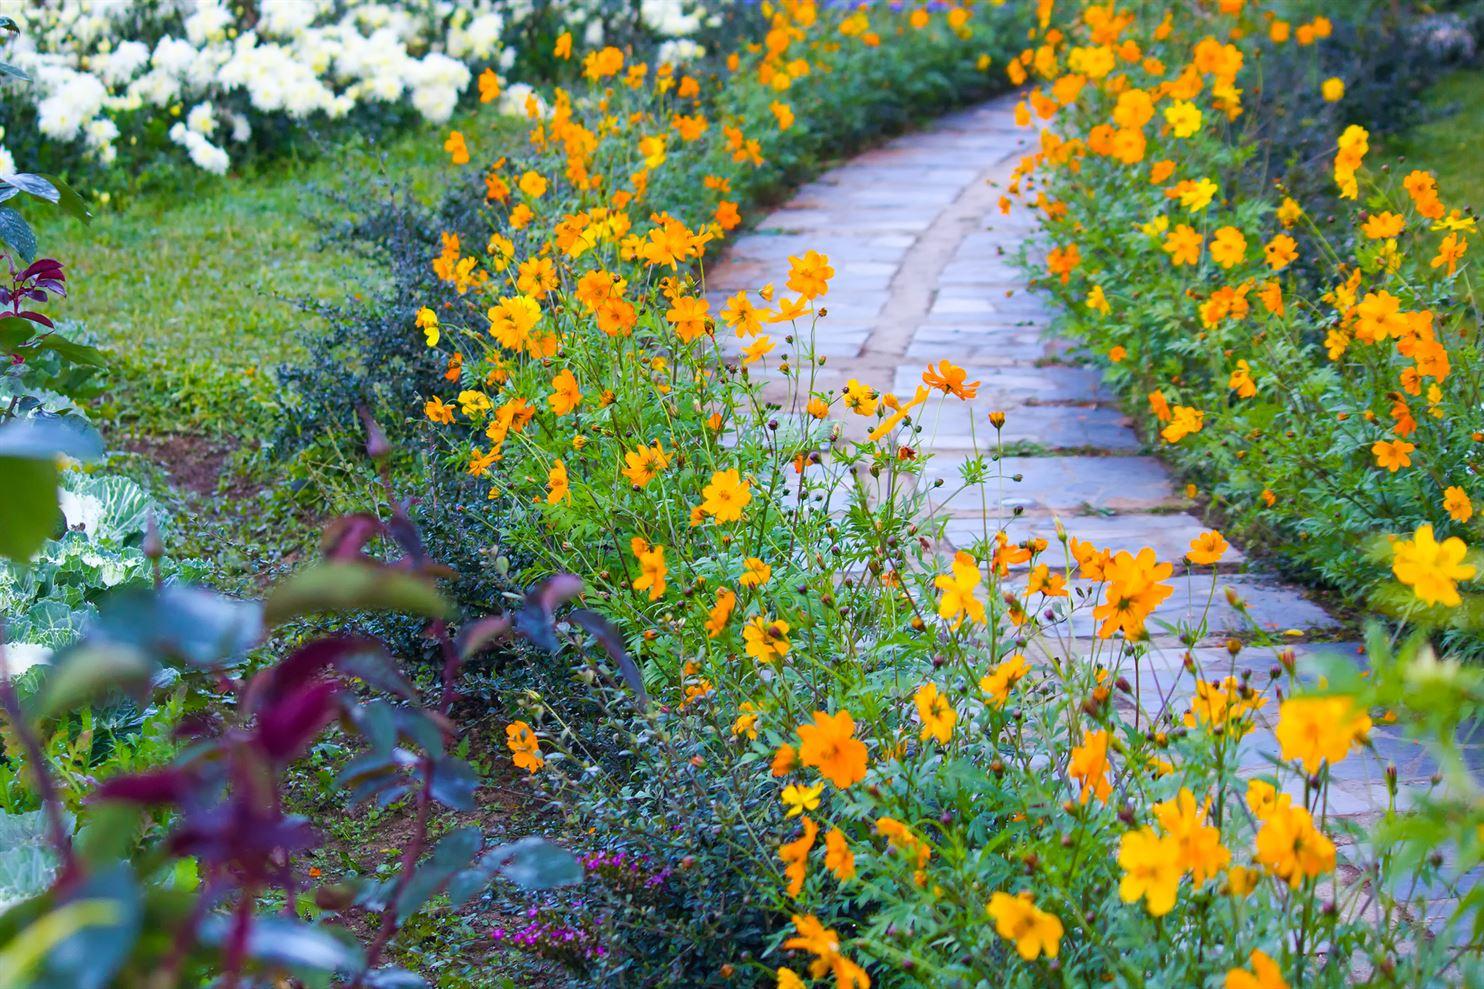 groenborder aanleg tuinen crombez